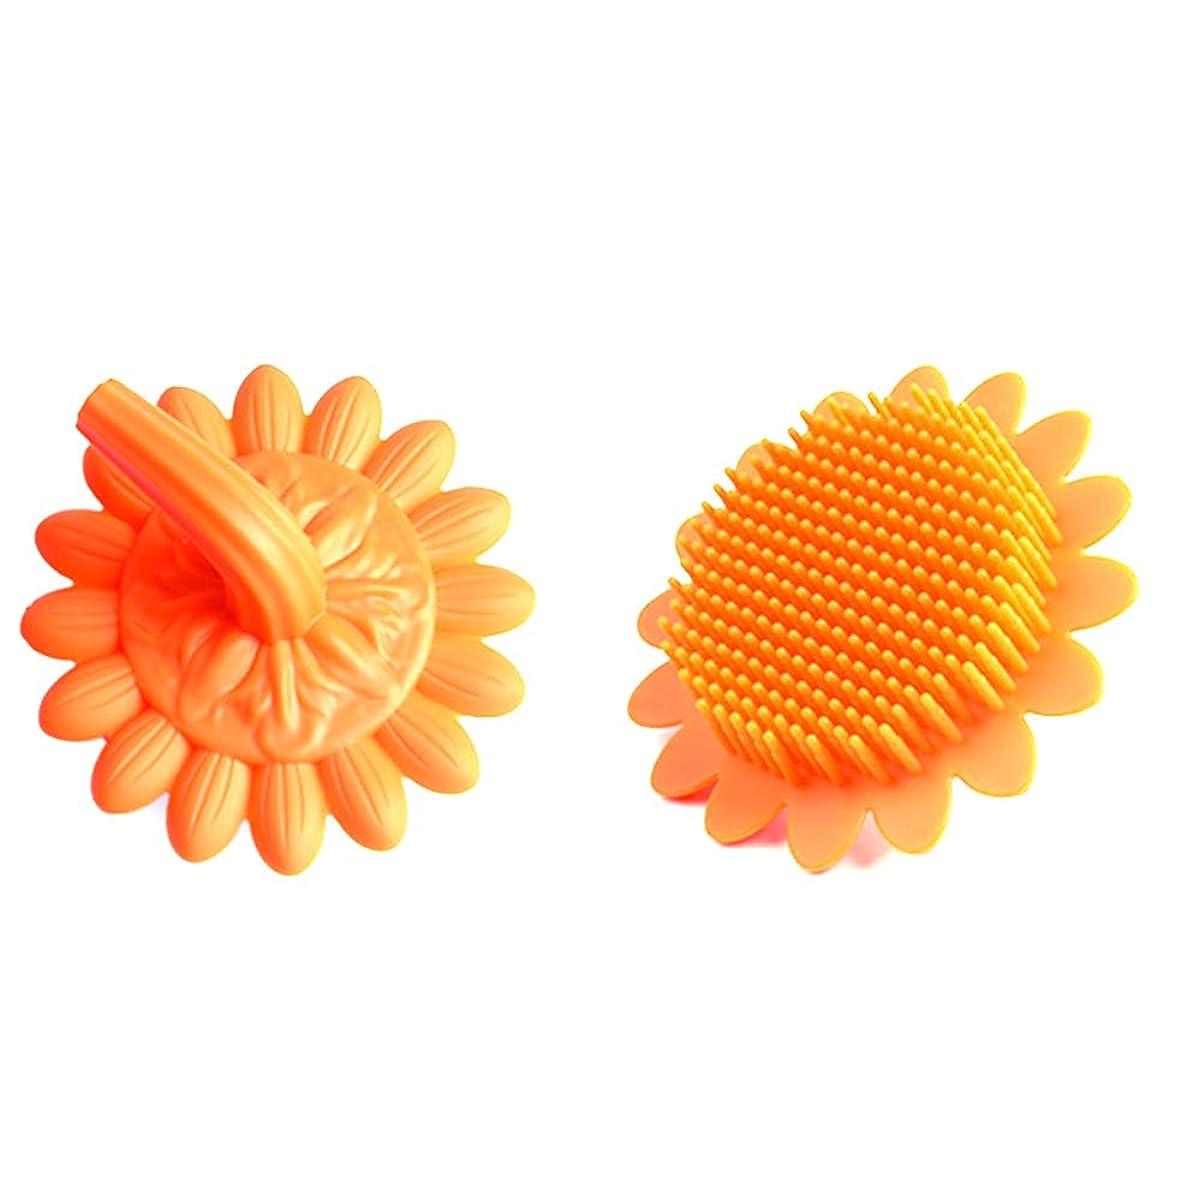 コンパクトシーサイド下品Healifty 2ピースボディブラシシリコンひまわり形状マッサージシャワーウォッシュバスブラシ用ベビーキッズ大人(オレンジ)